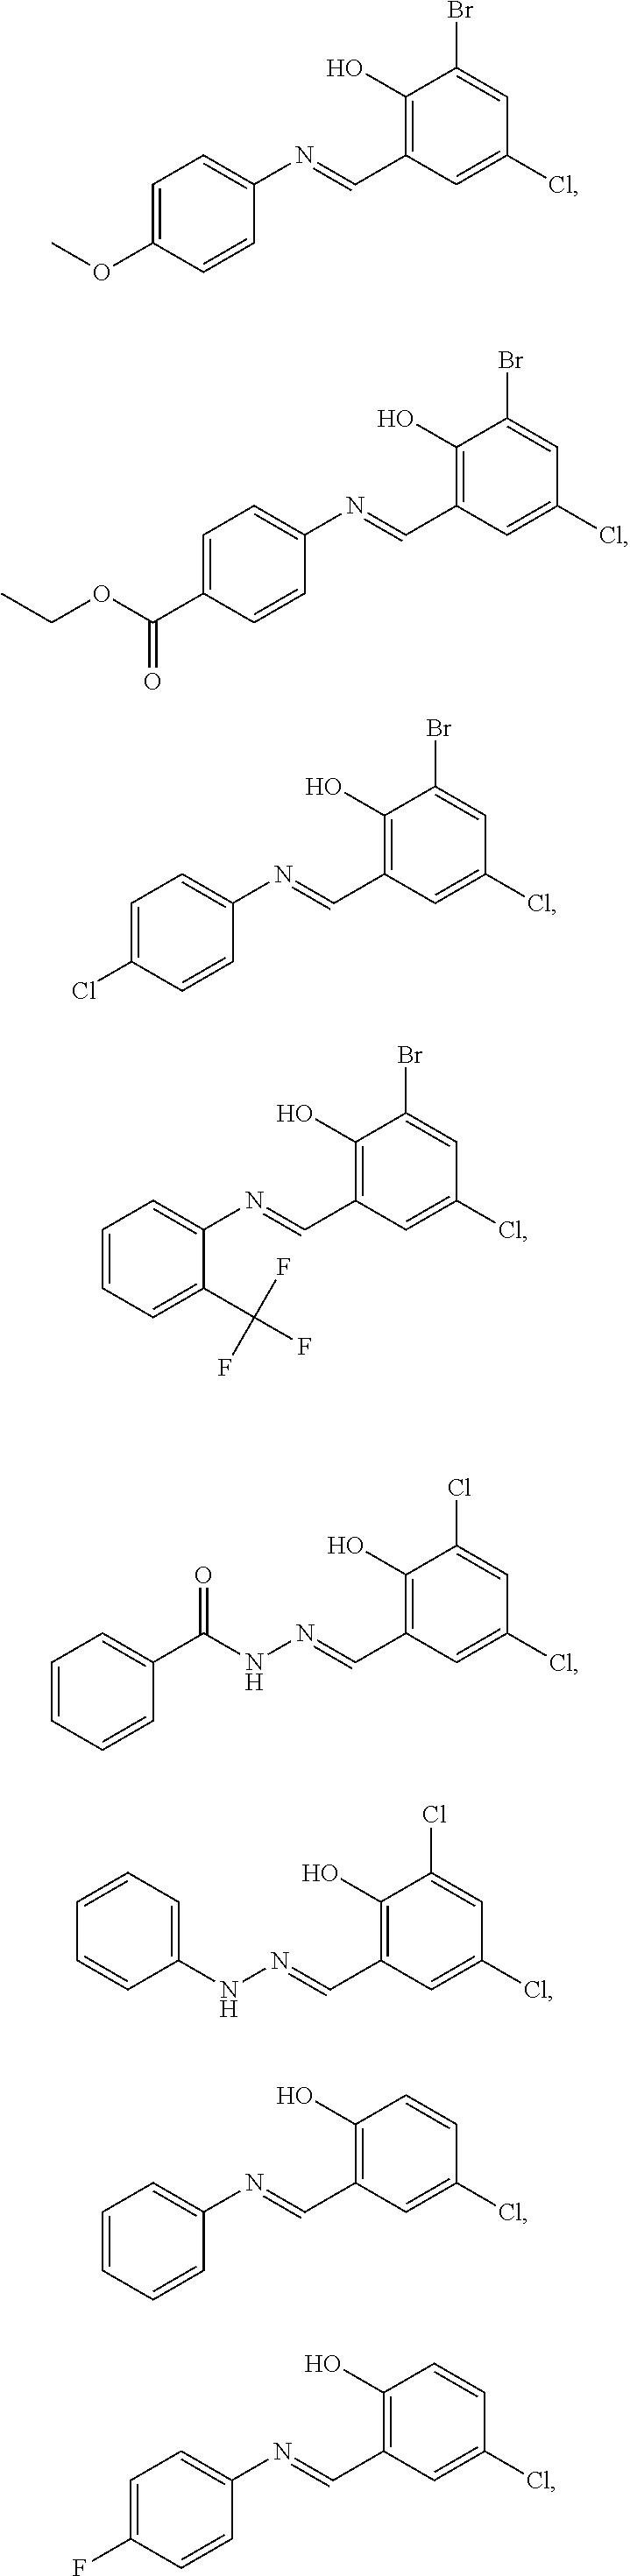 Figure US09241942-20160126-C00160